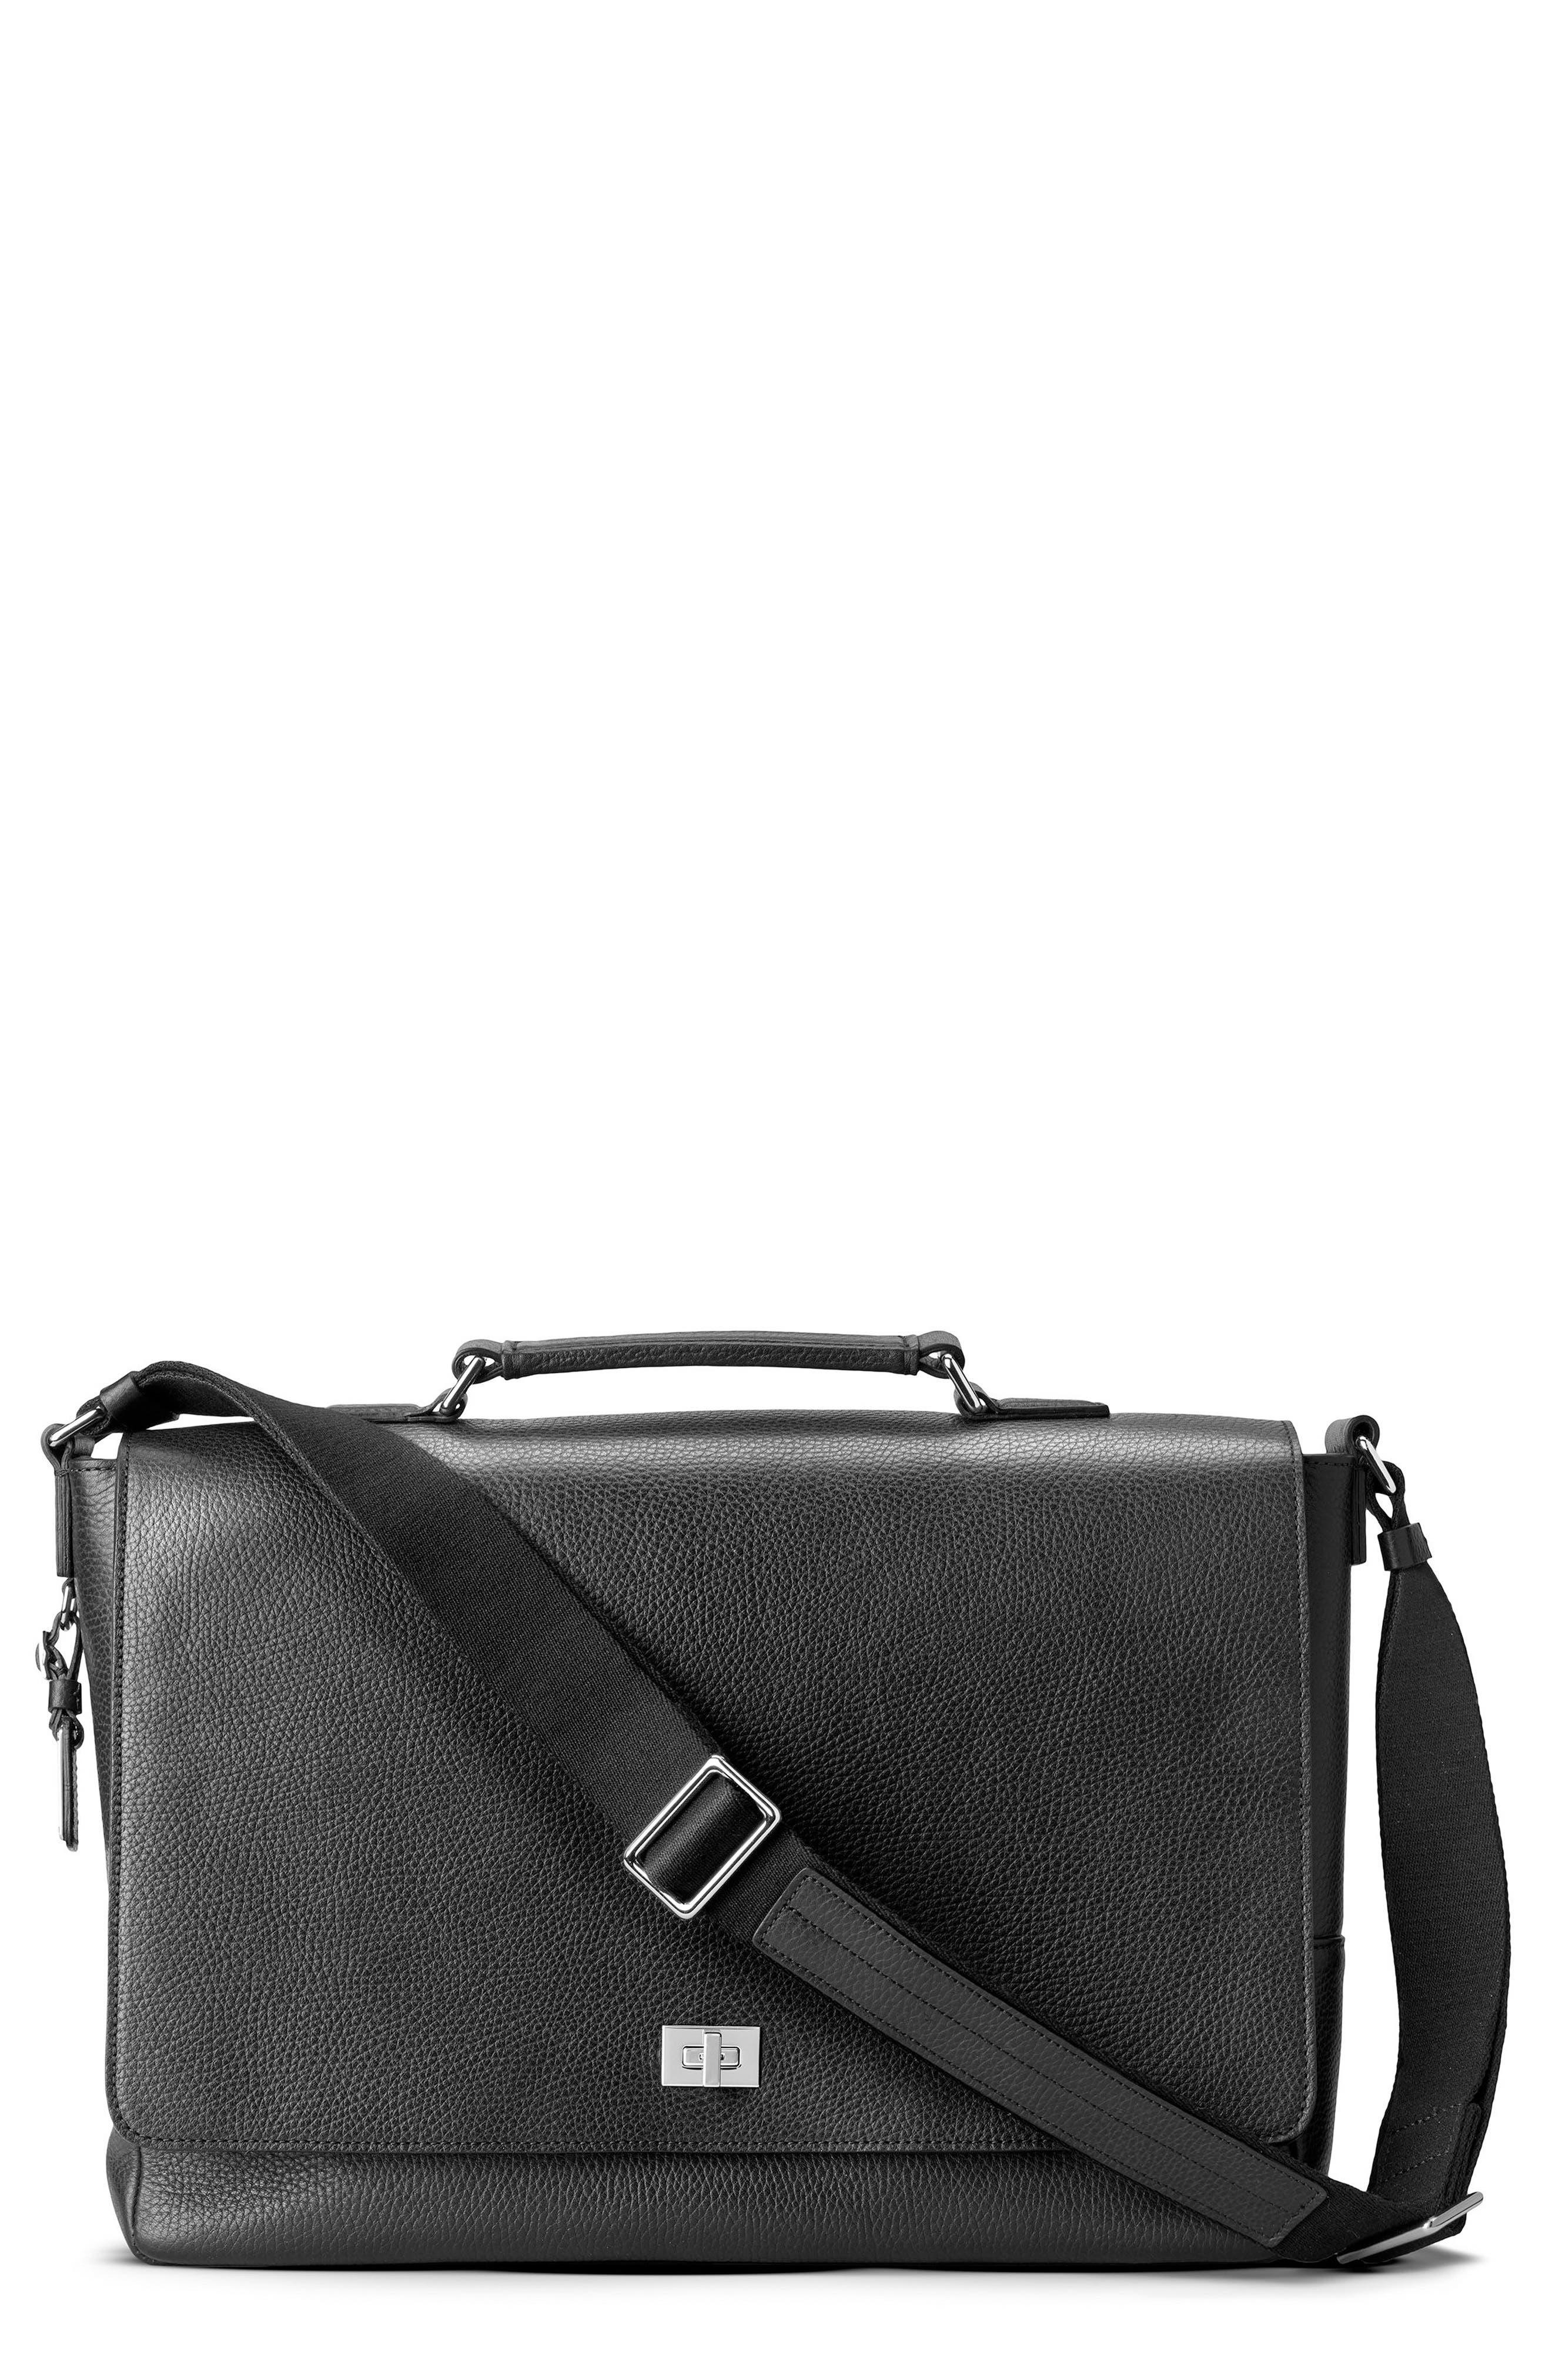 Leather Messenger Bag,                         Main,                         color, BLACK